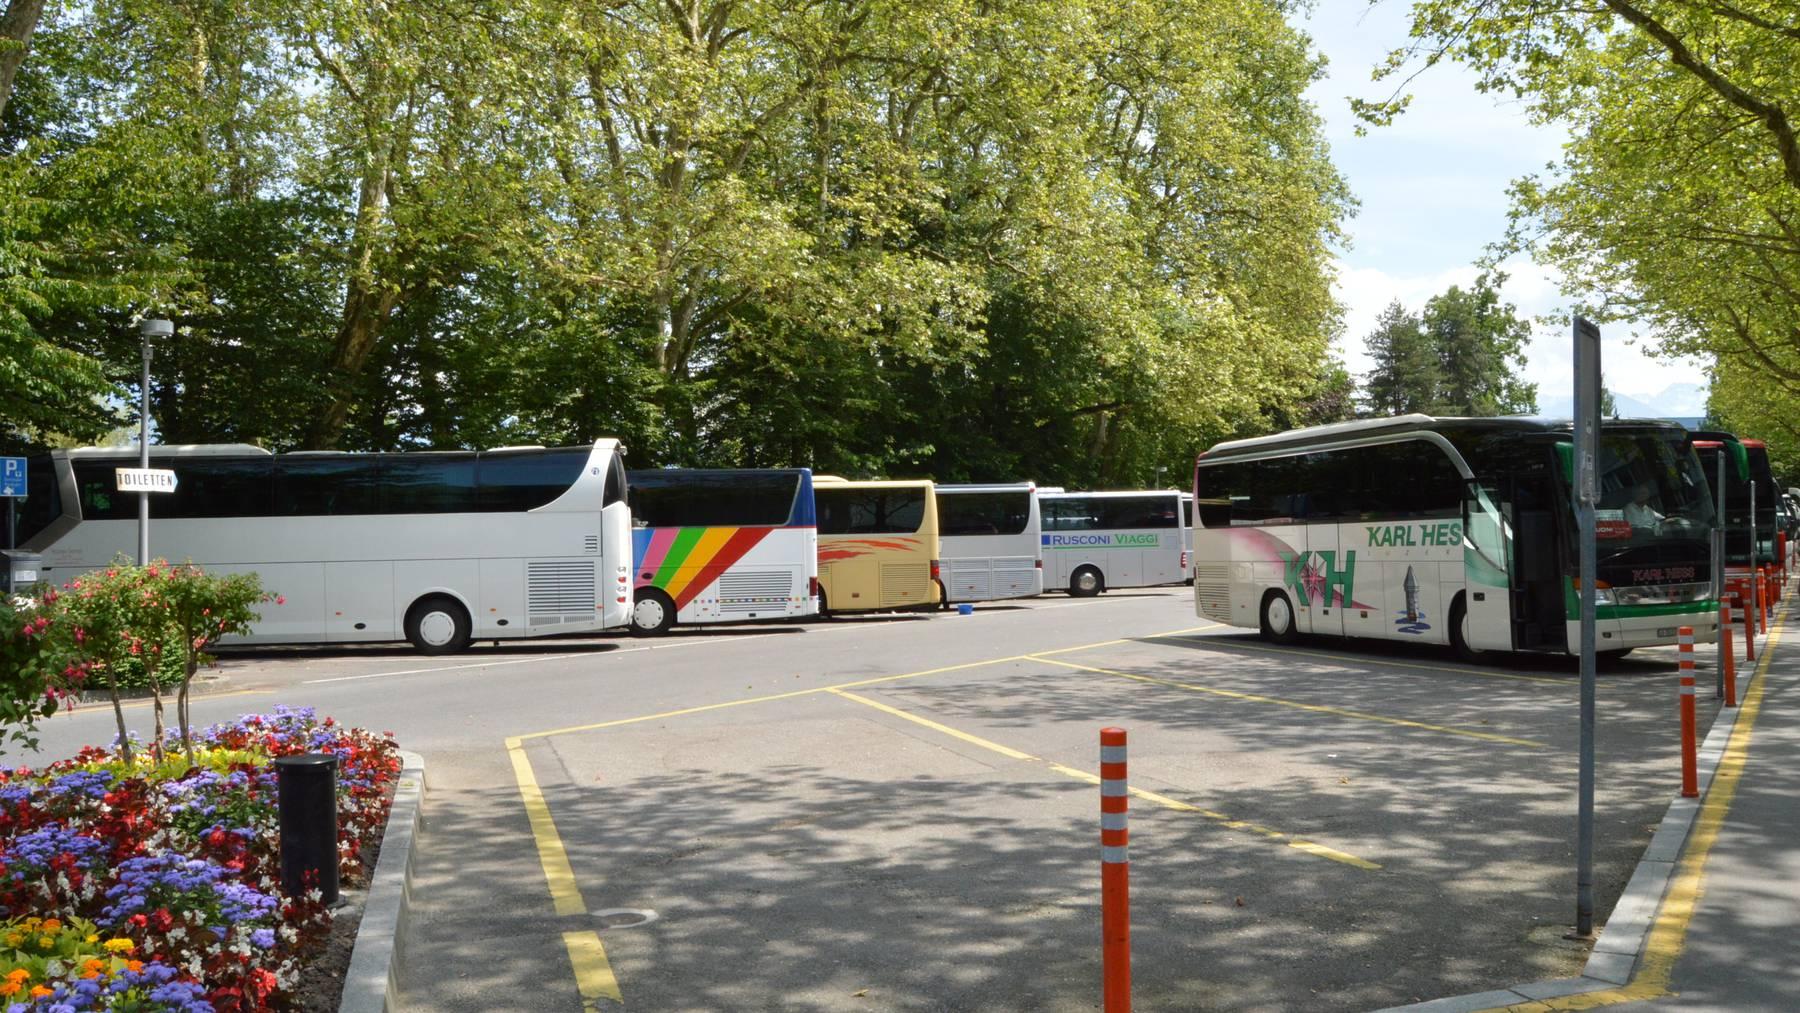 Wohin mit den Reisecars in der Stadt Luzern?